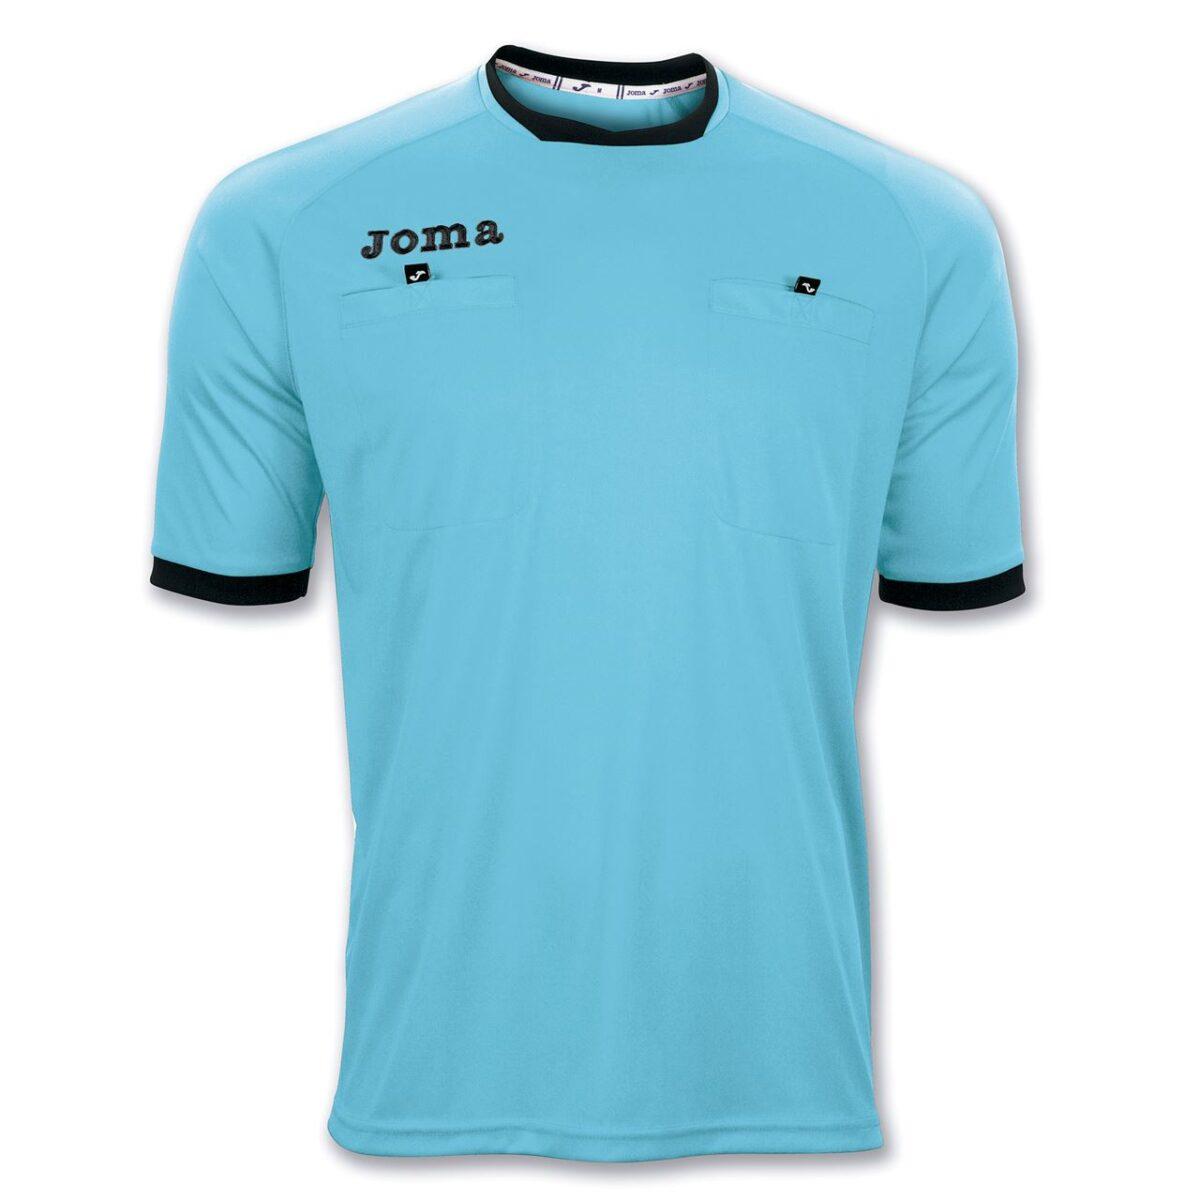 Joma ARBITRO Referee T-Shirt S/S